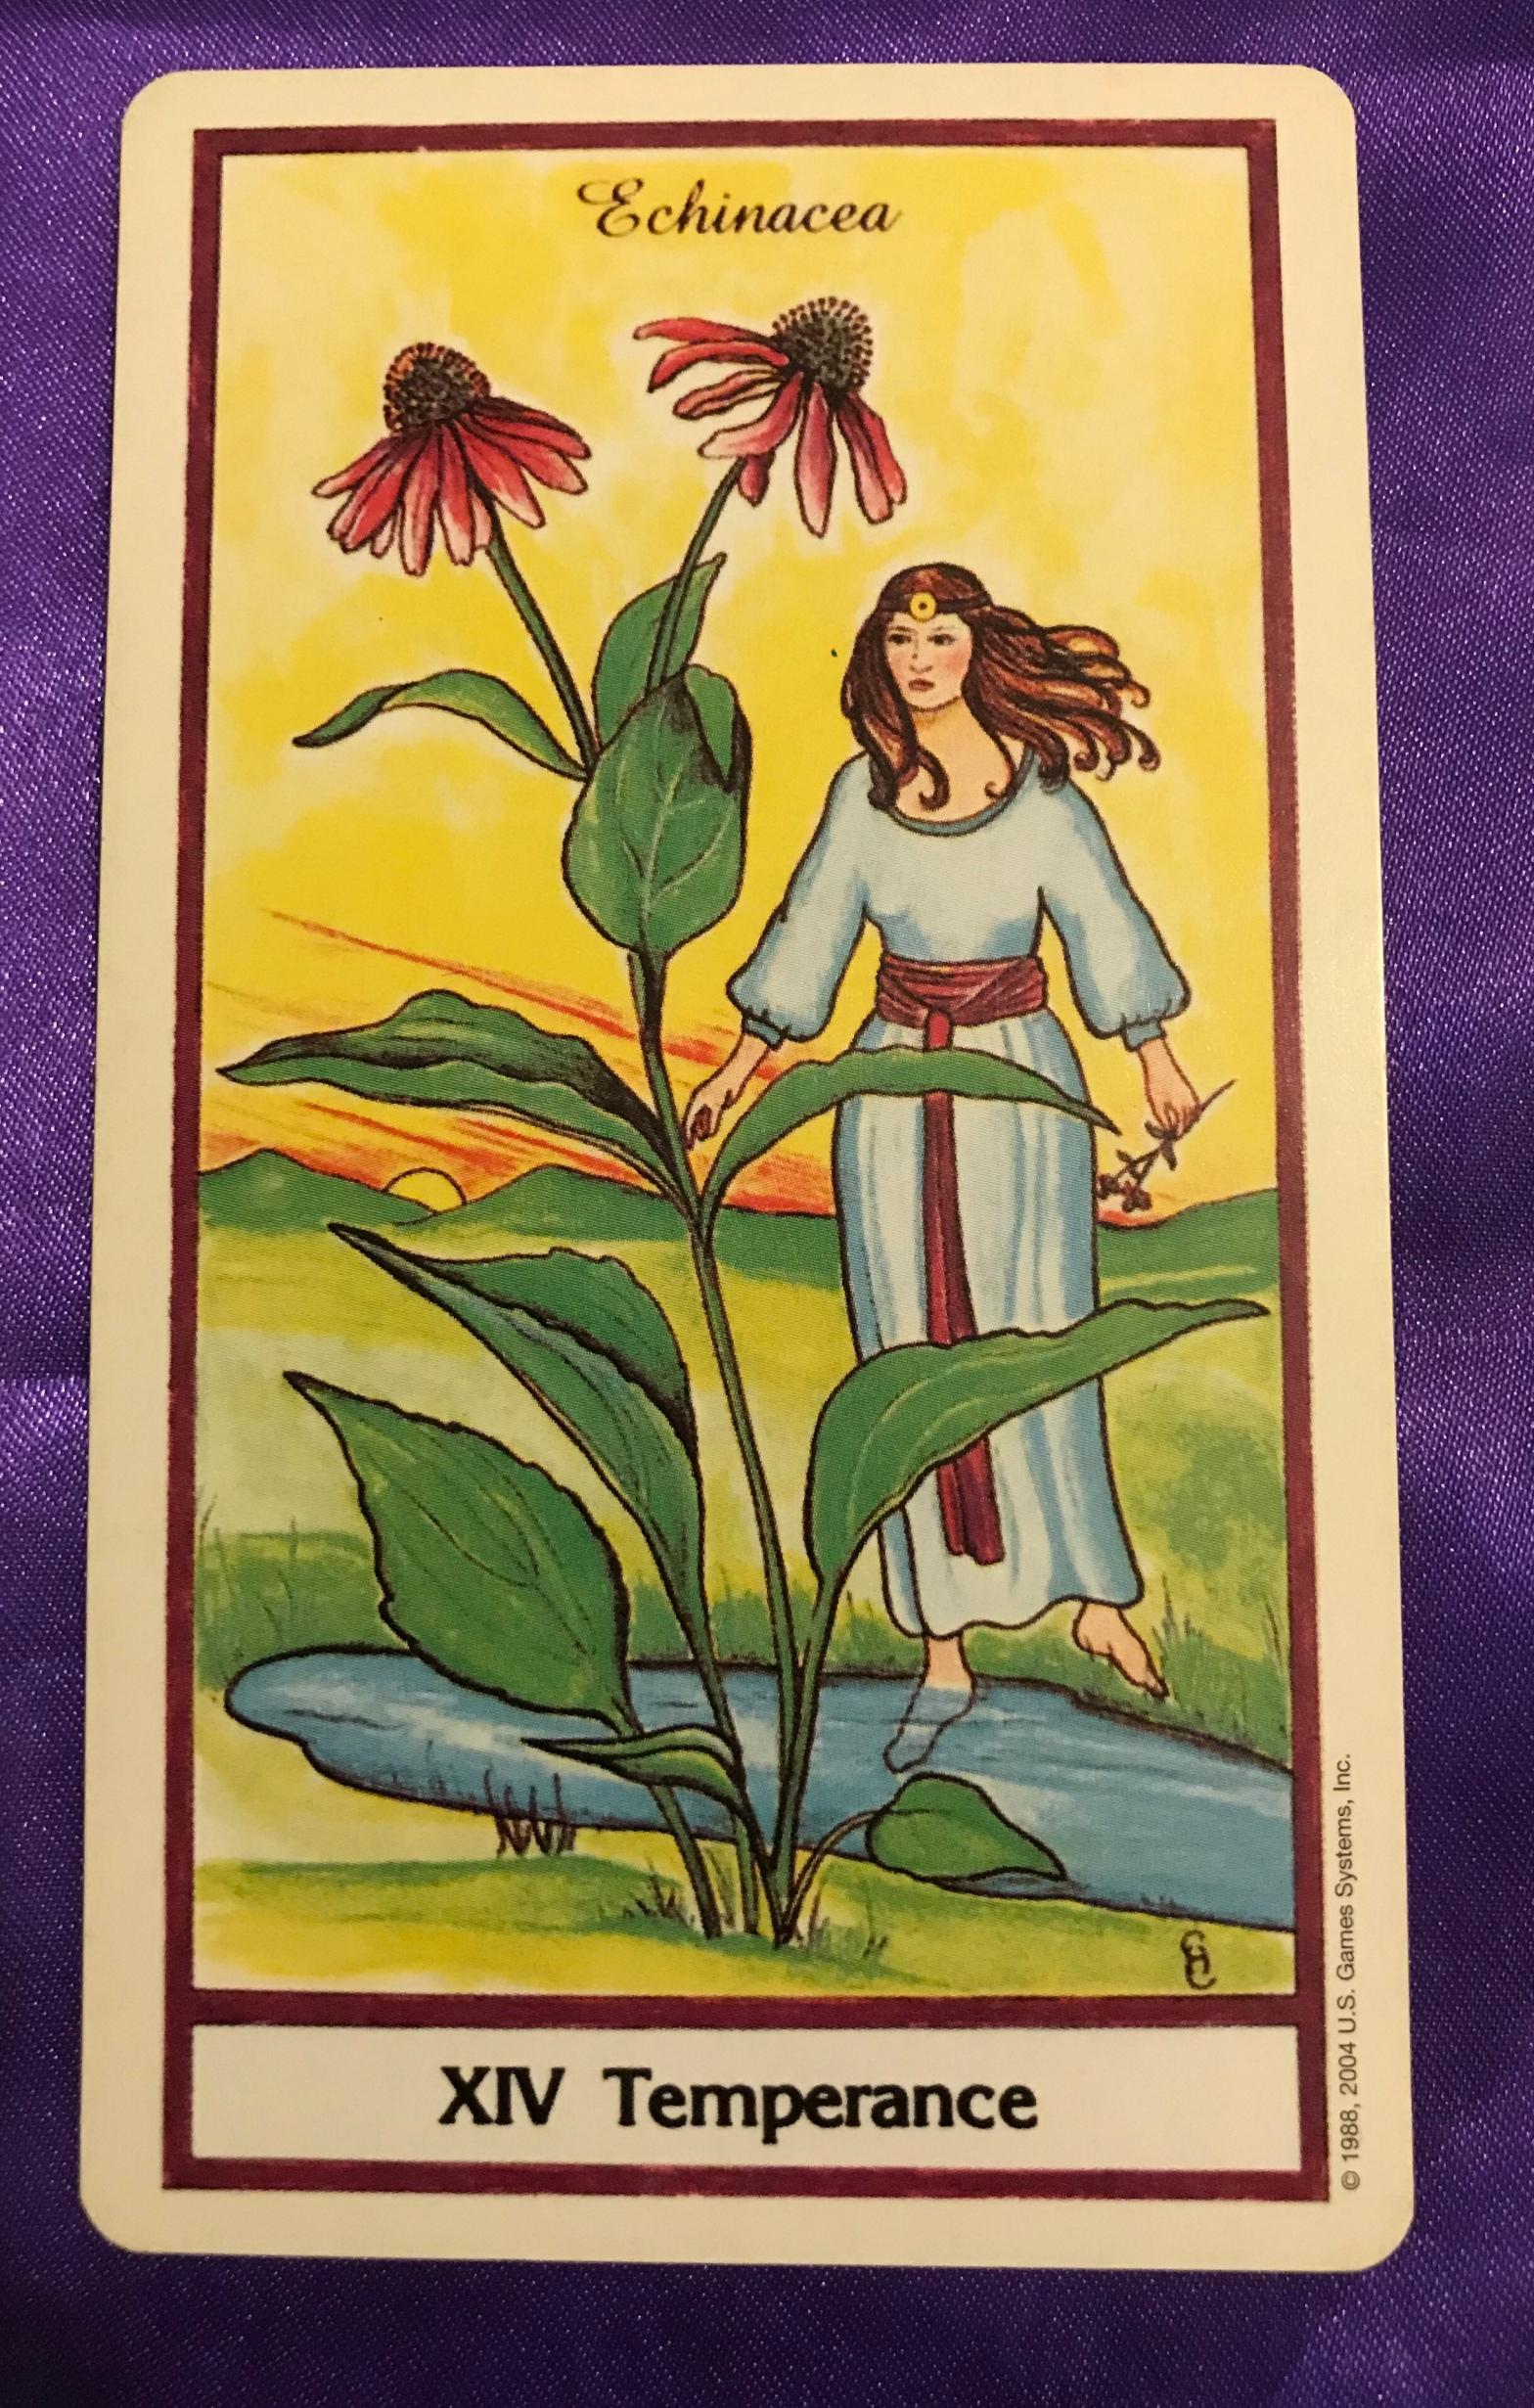 Temperance-Tarot-card